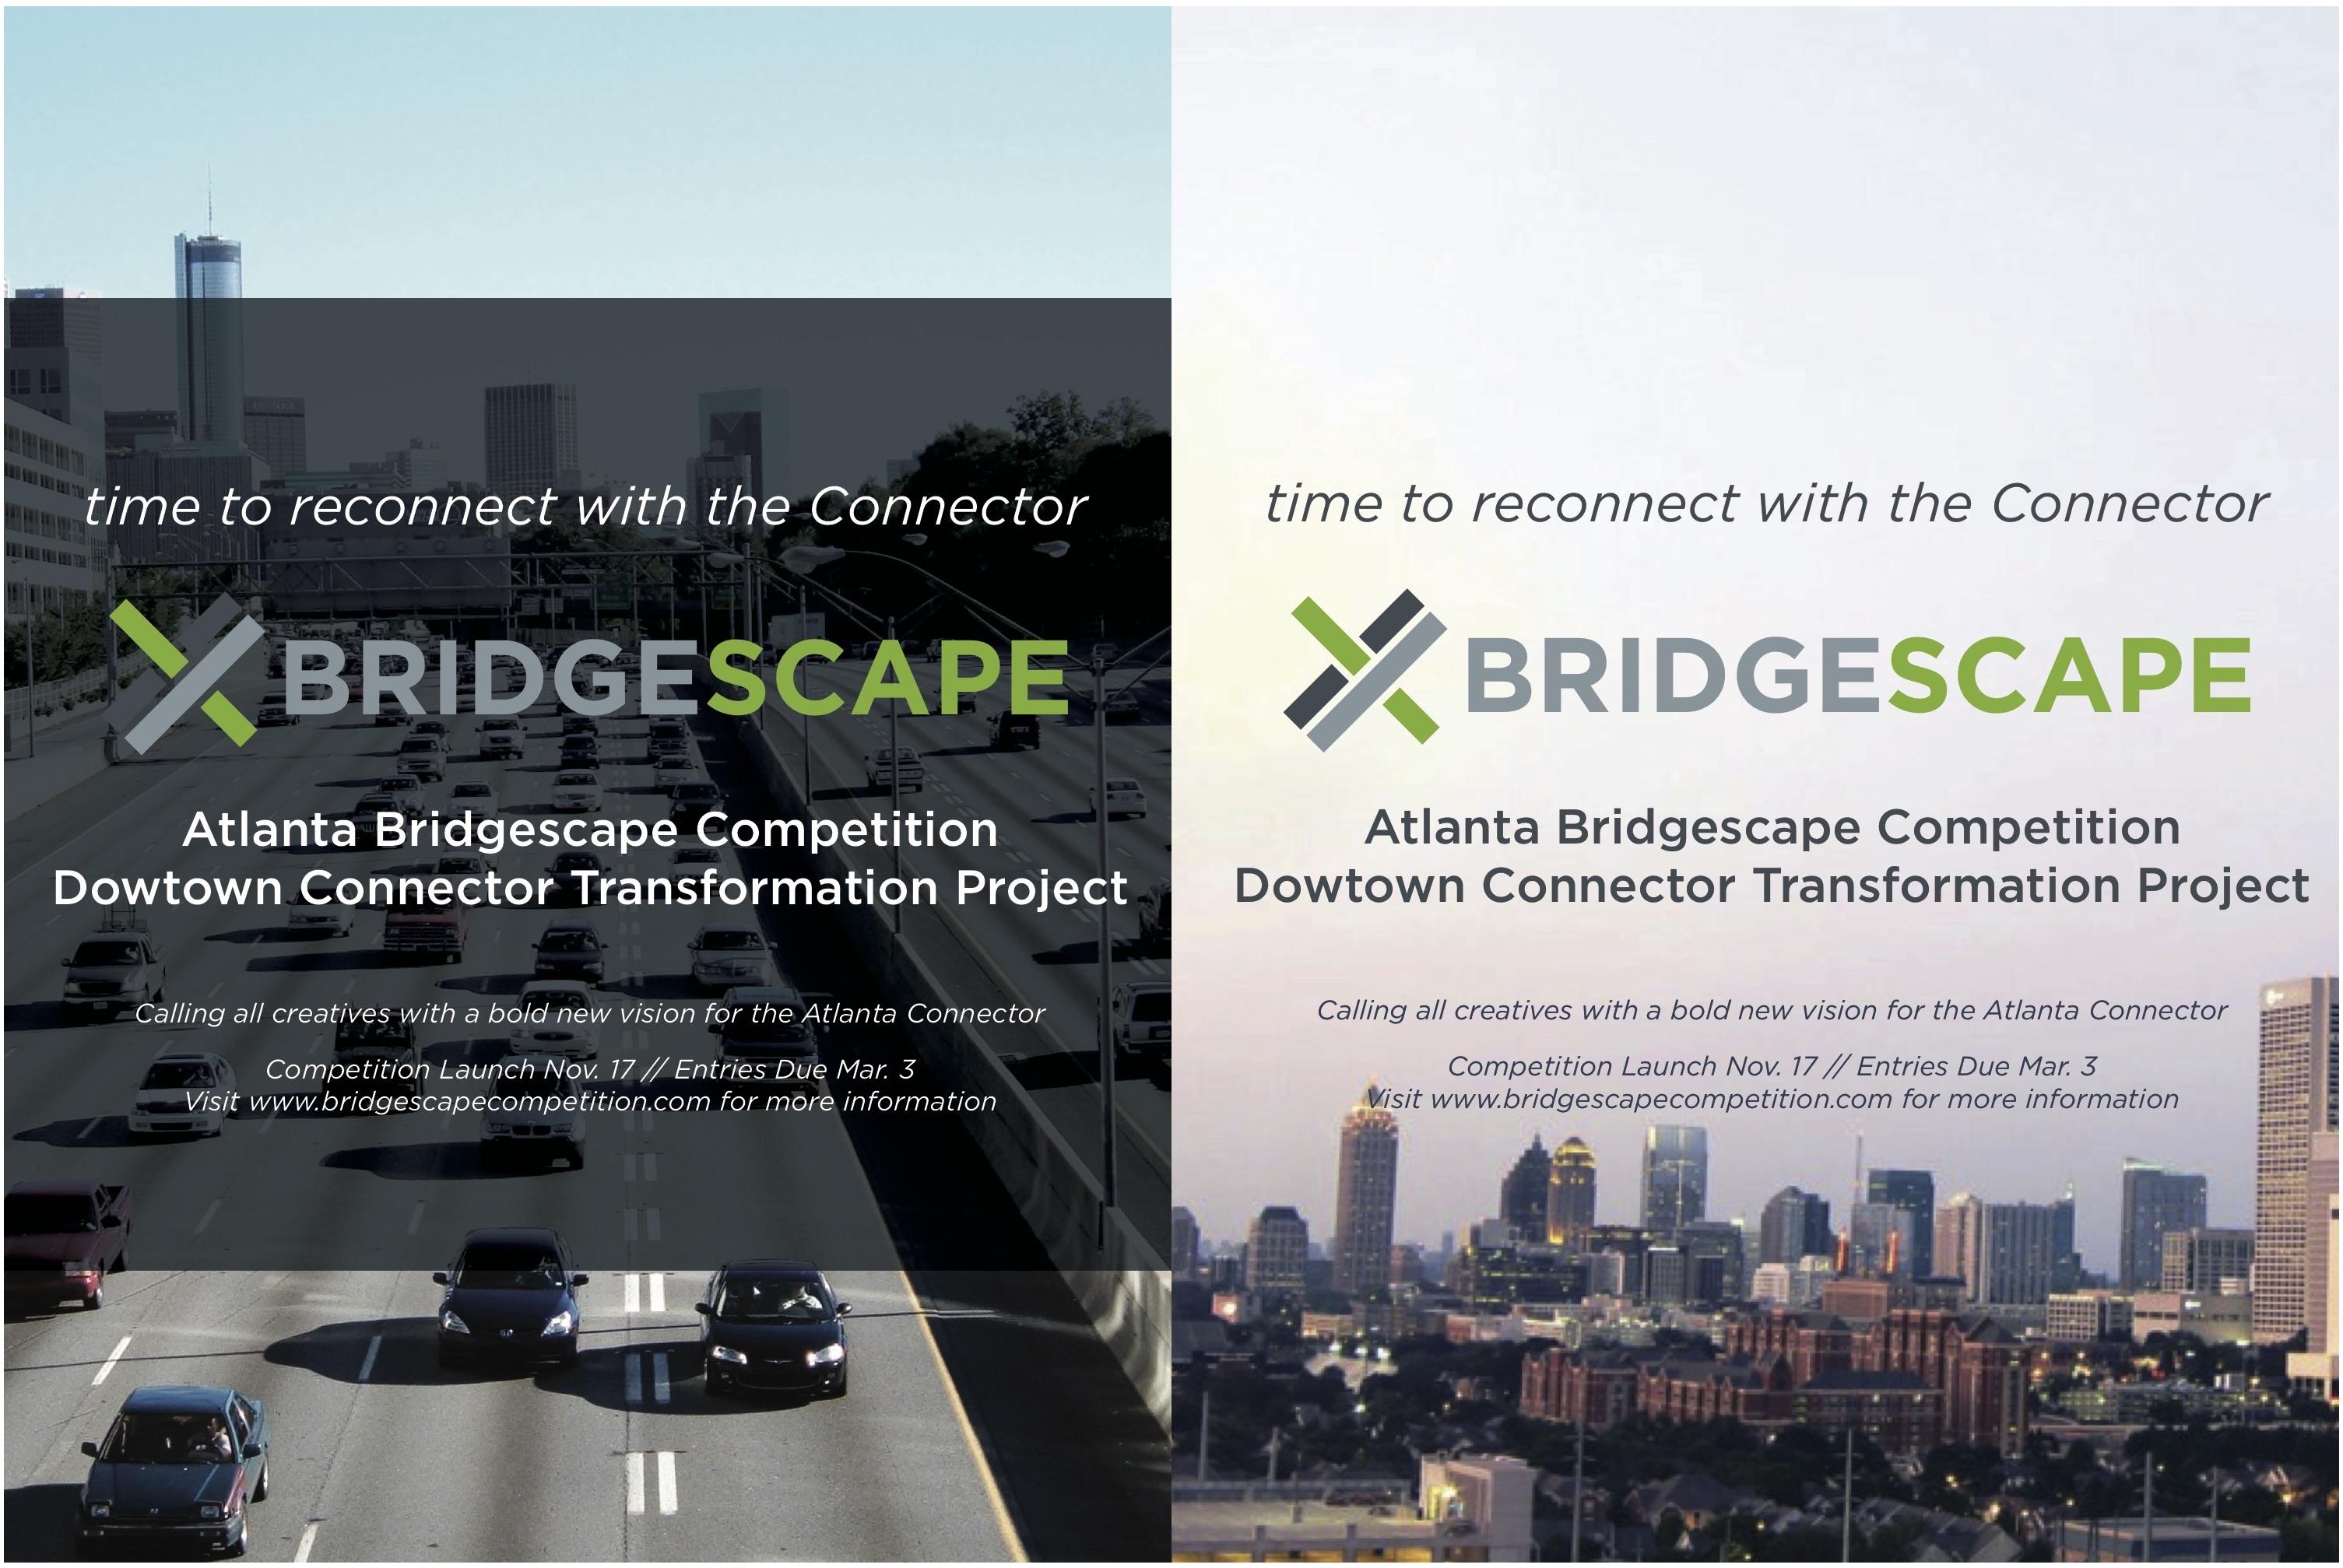 bridgescape poster designs